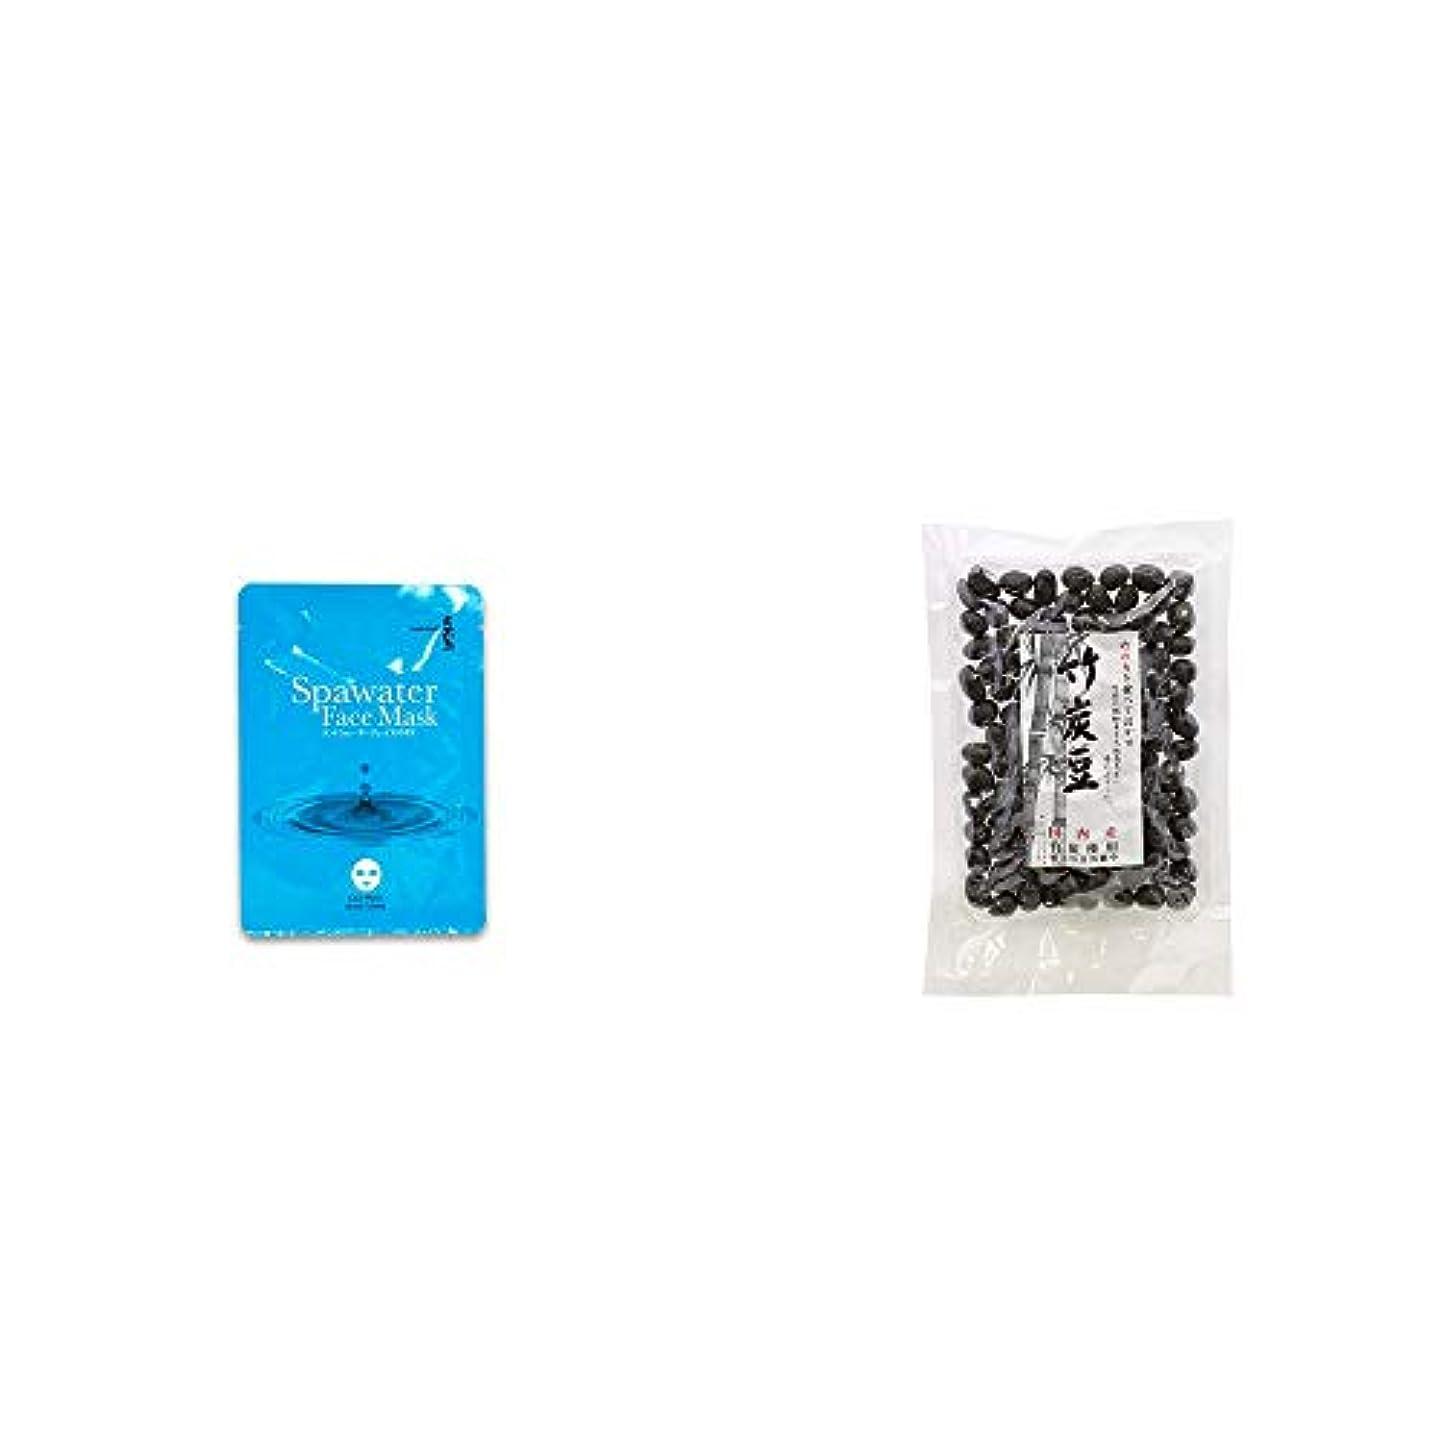 マングル物理学者等[2点セット] ひのき炭黒泉 スパウォーターフェイスマスク(18ml×3枚入)?国内産 竹炭使用 竹炭豆(160g)